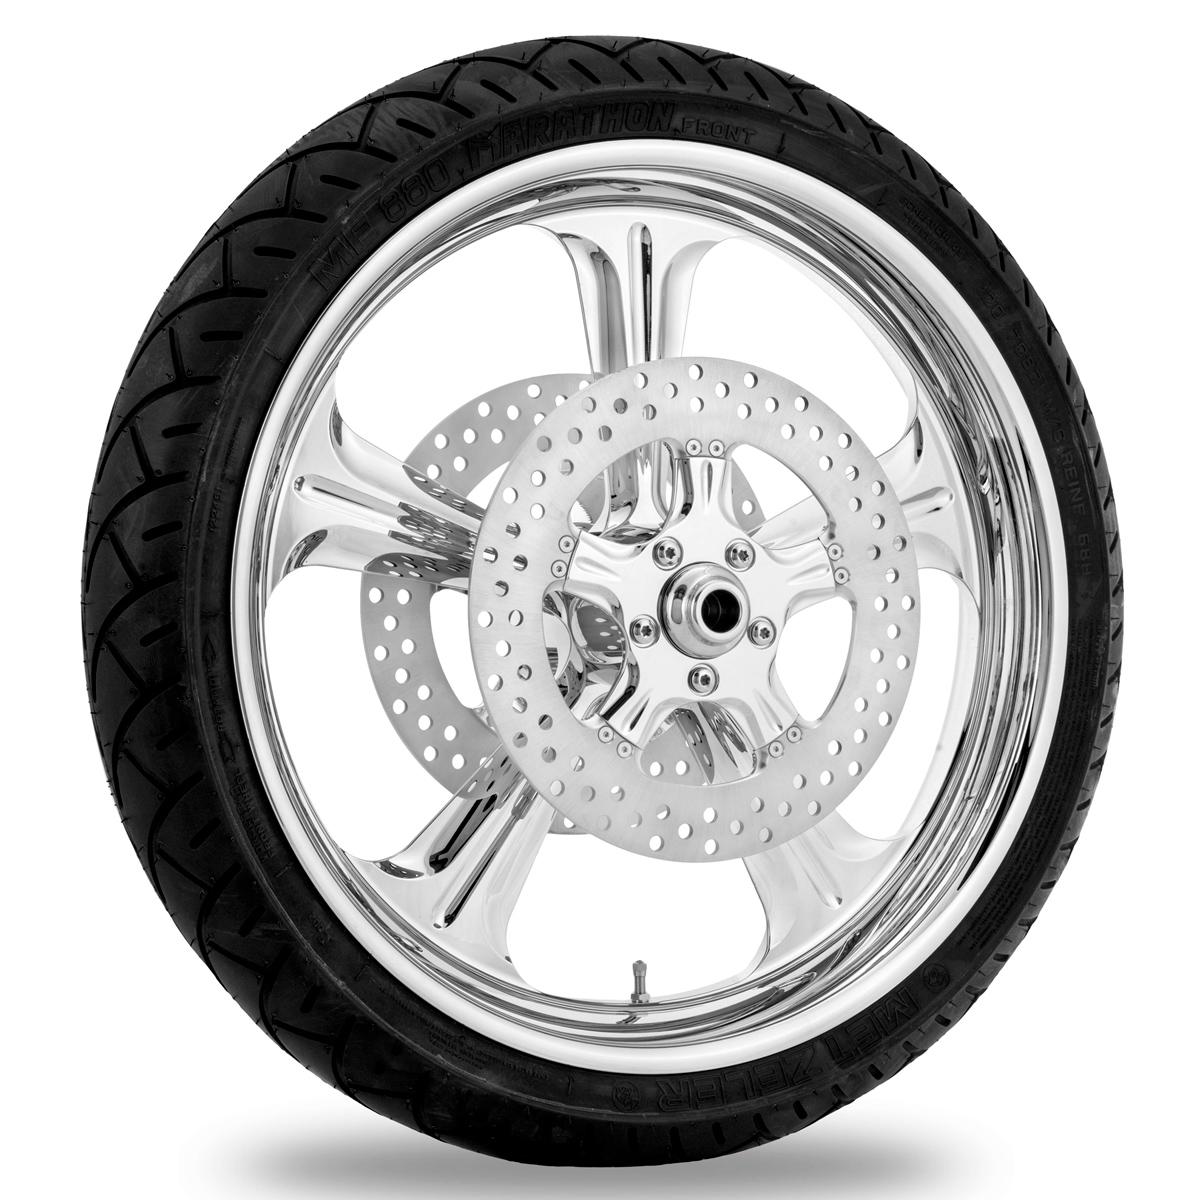 Performance Machine Wrath Chrome Front Wheel 21x3.5 Non-ABS